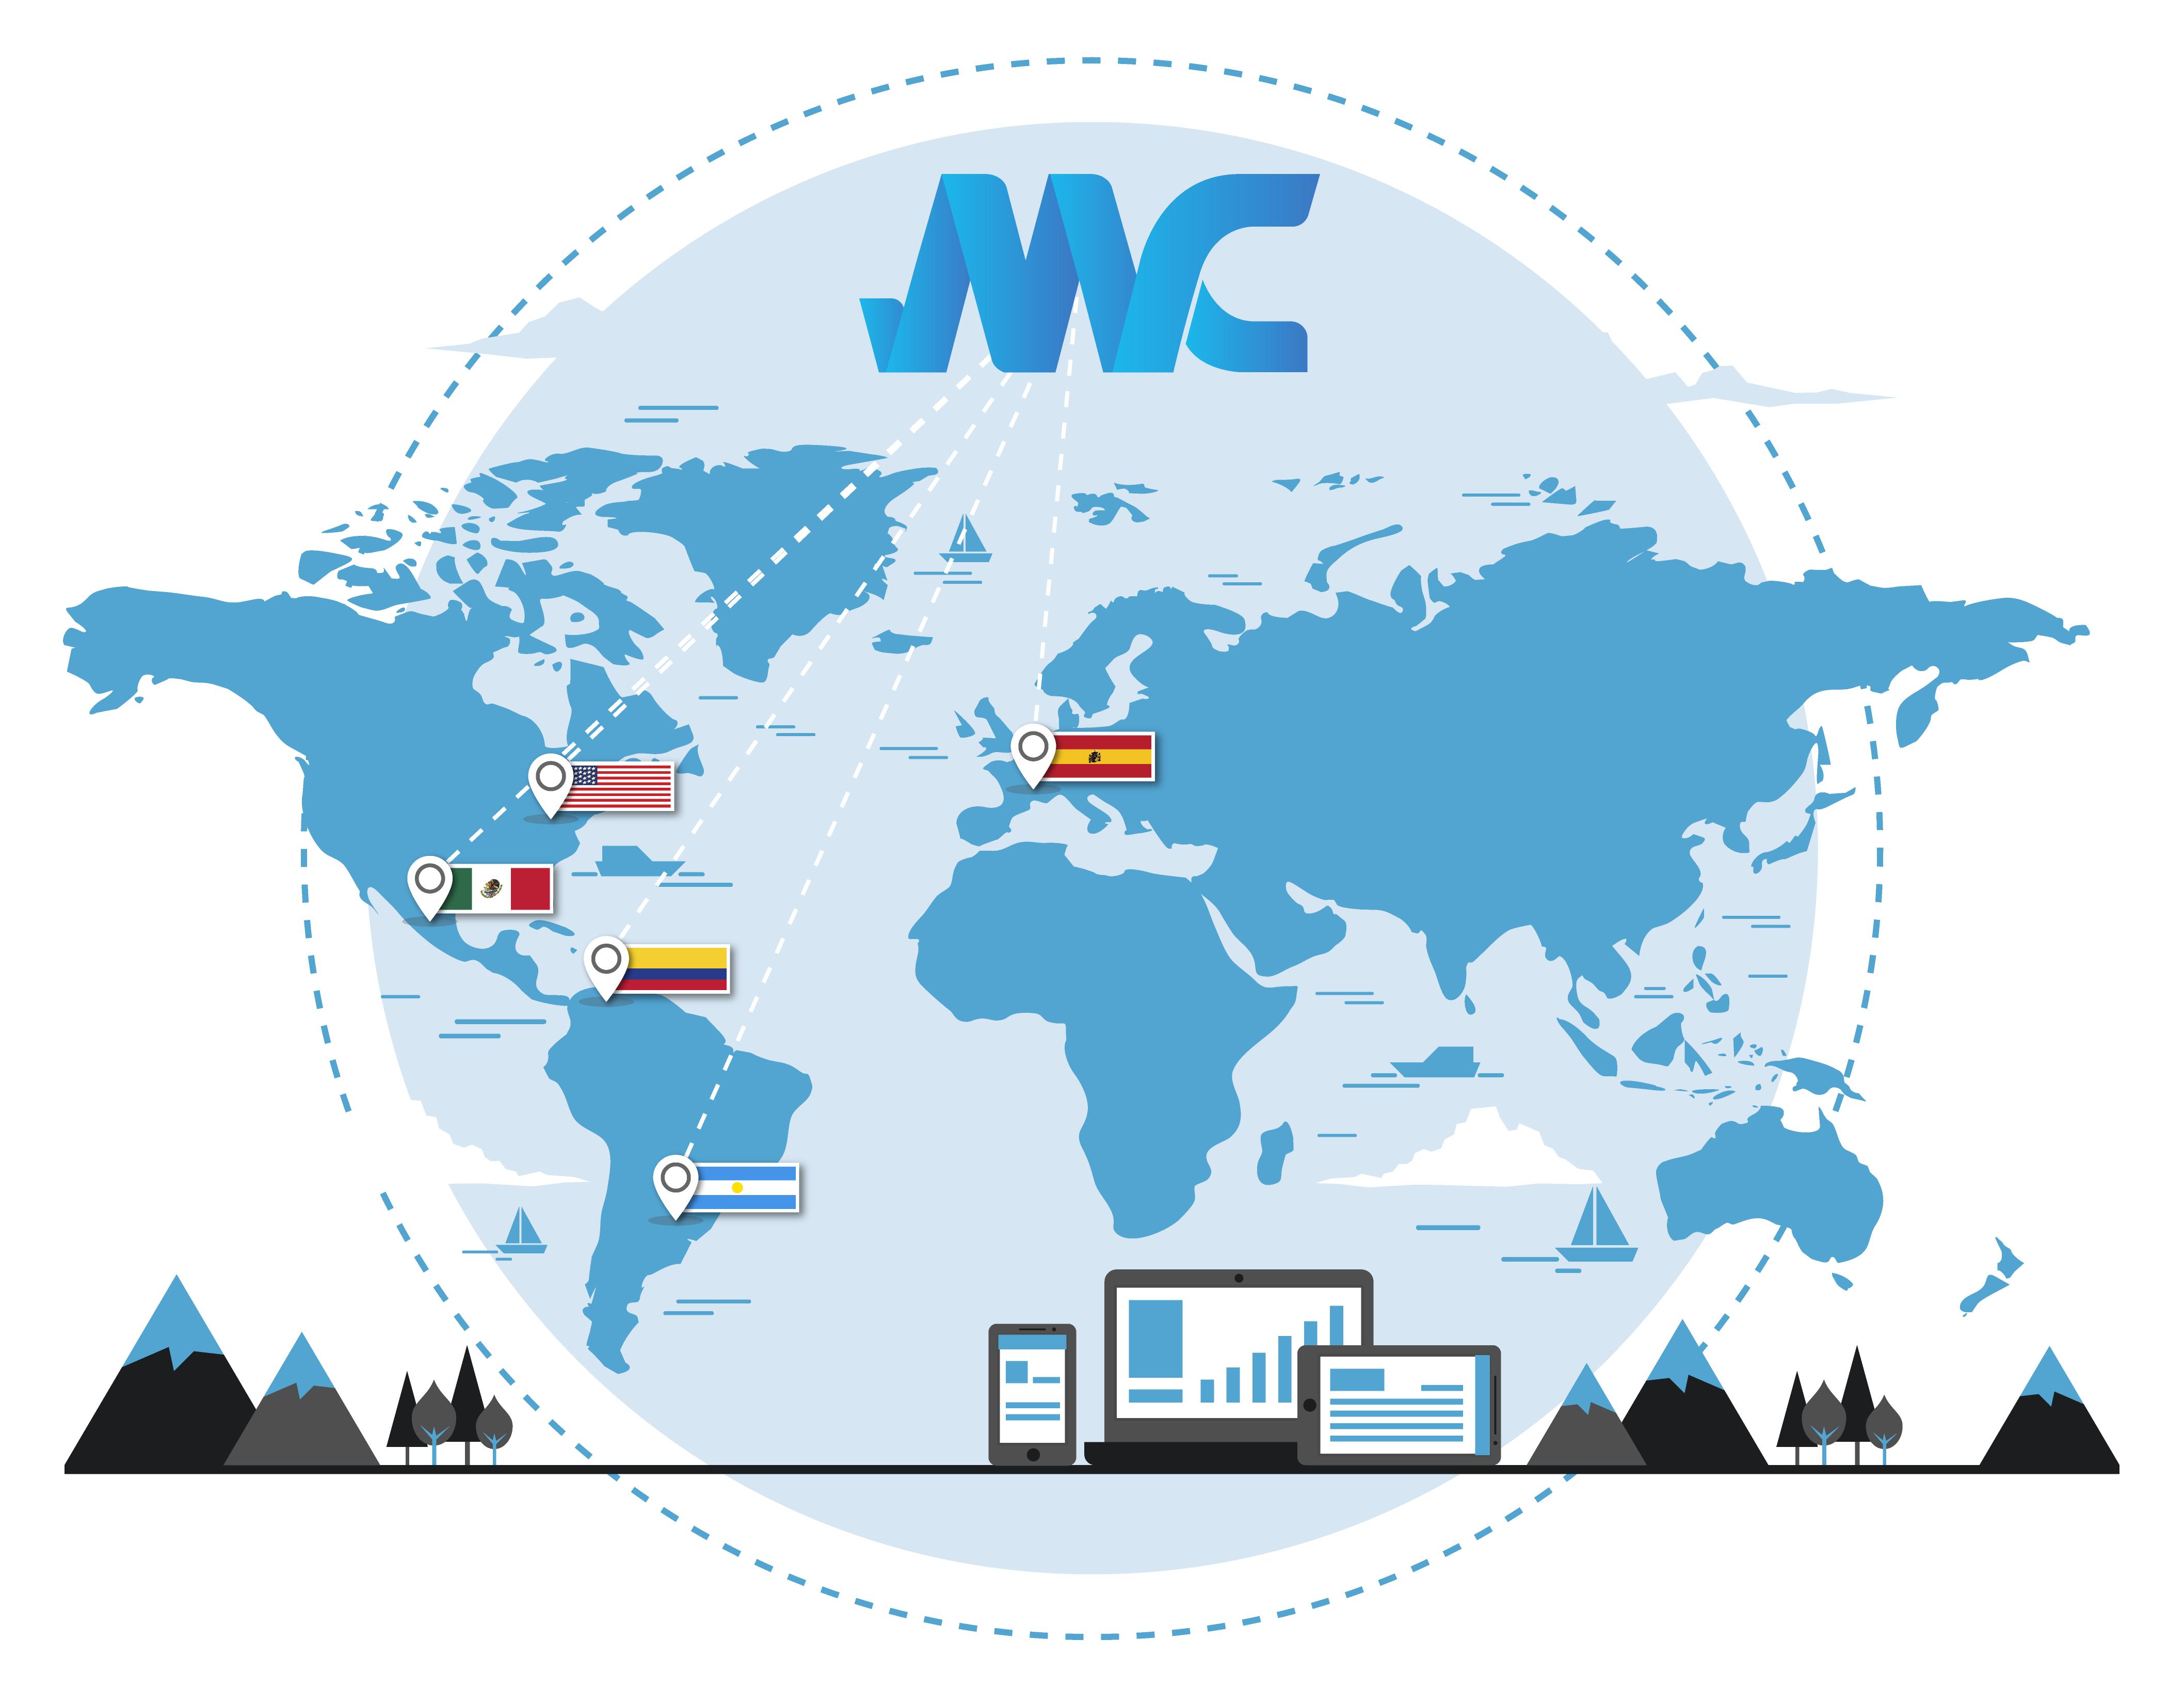 Cobertura global de Más Vale Comunicar